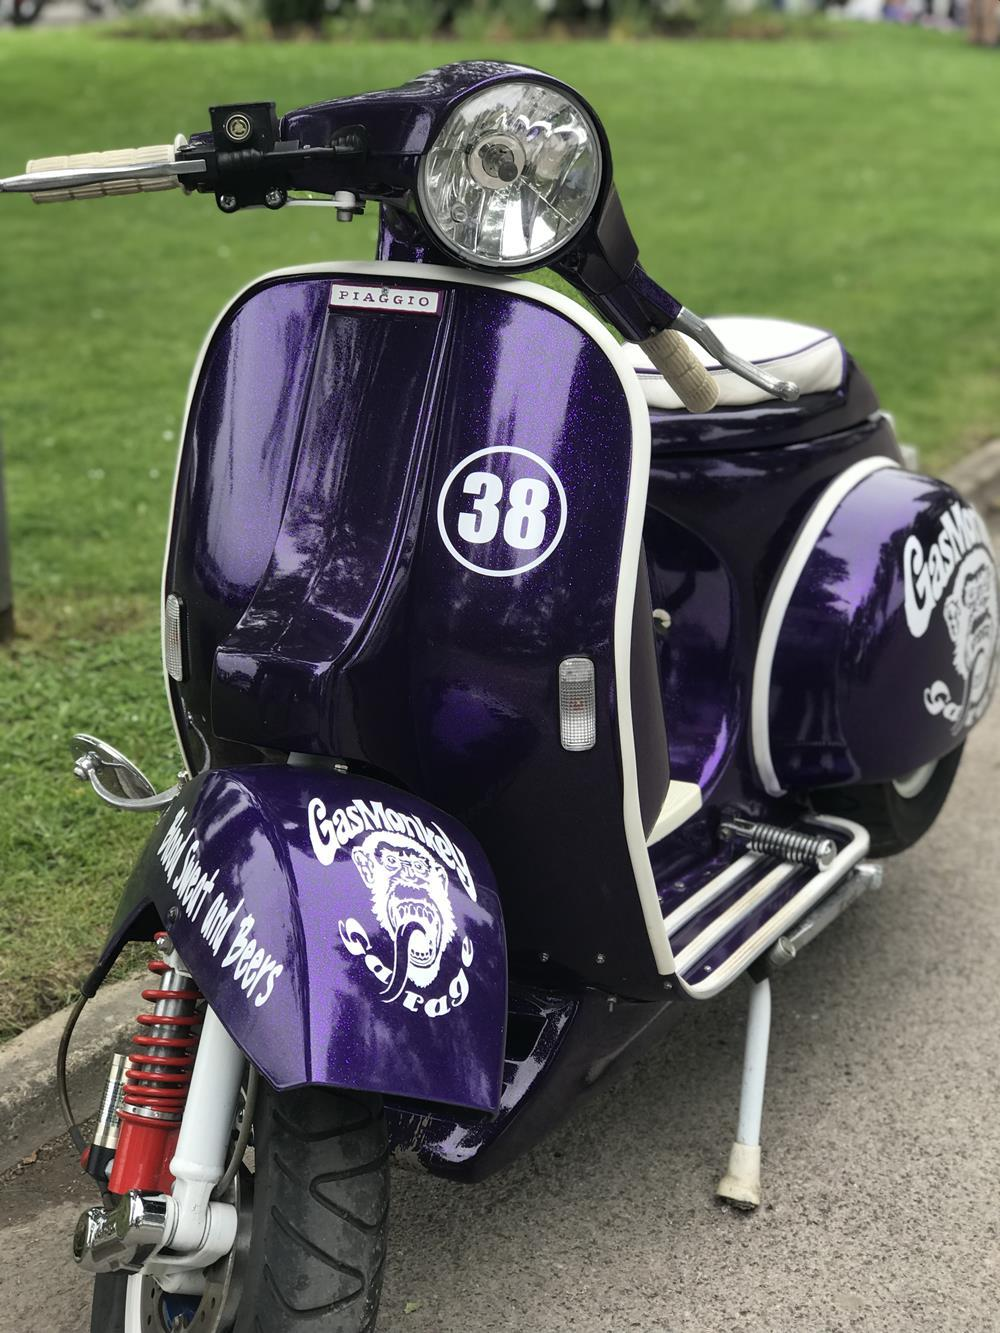 Gas Monkey Vespa PX scooter